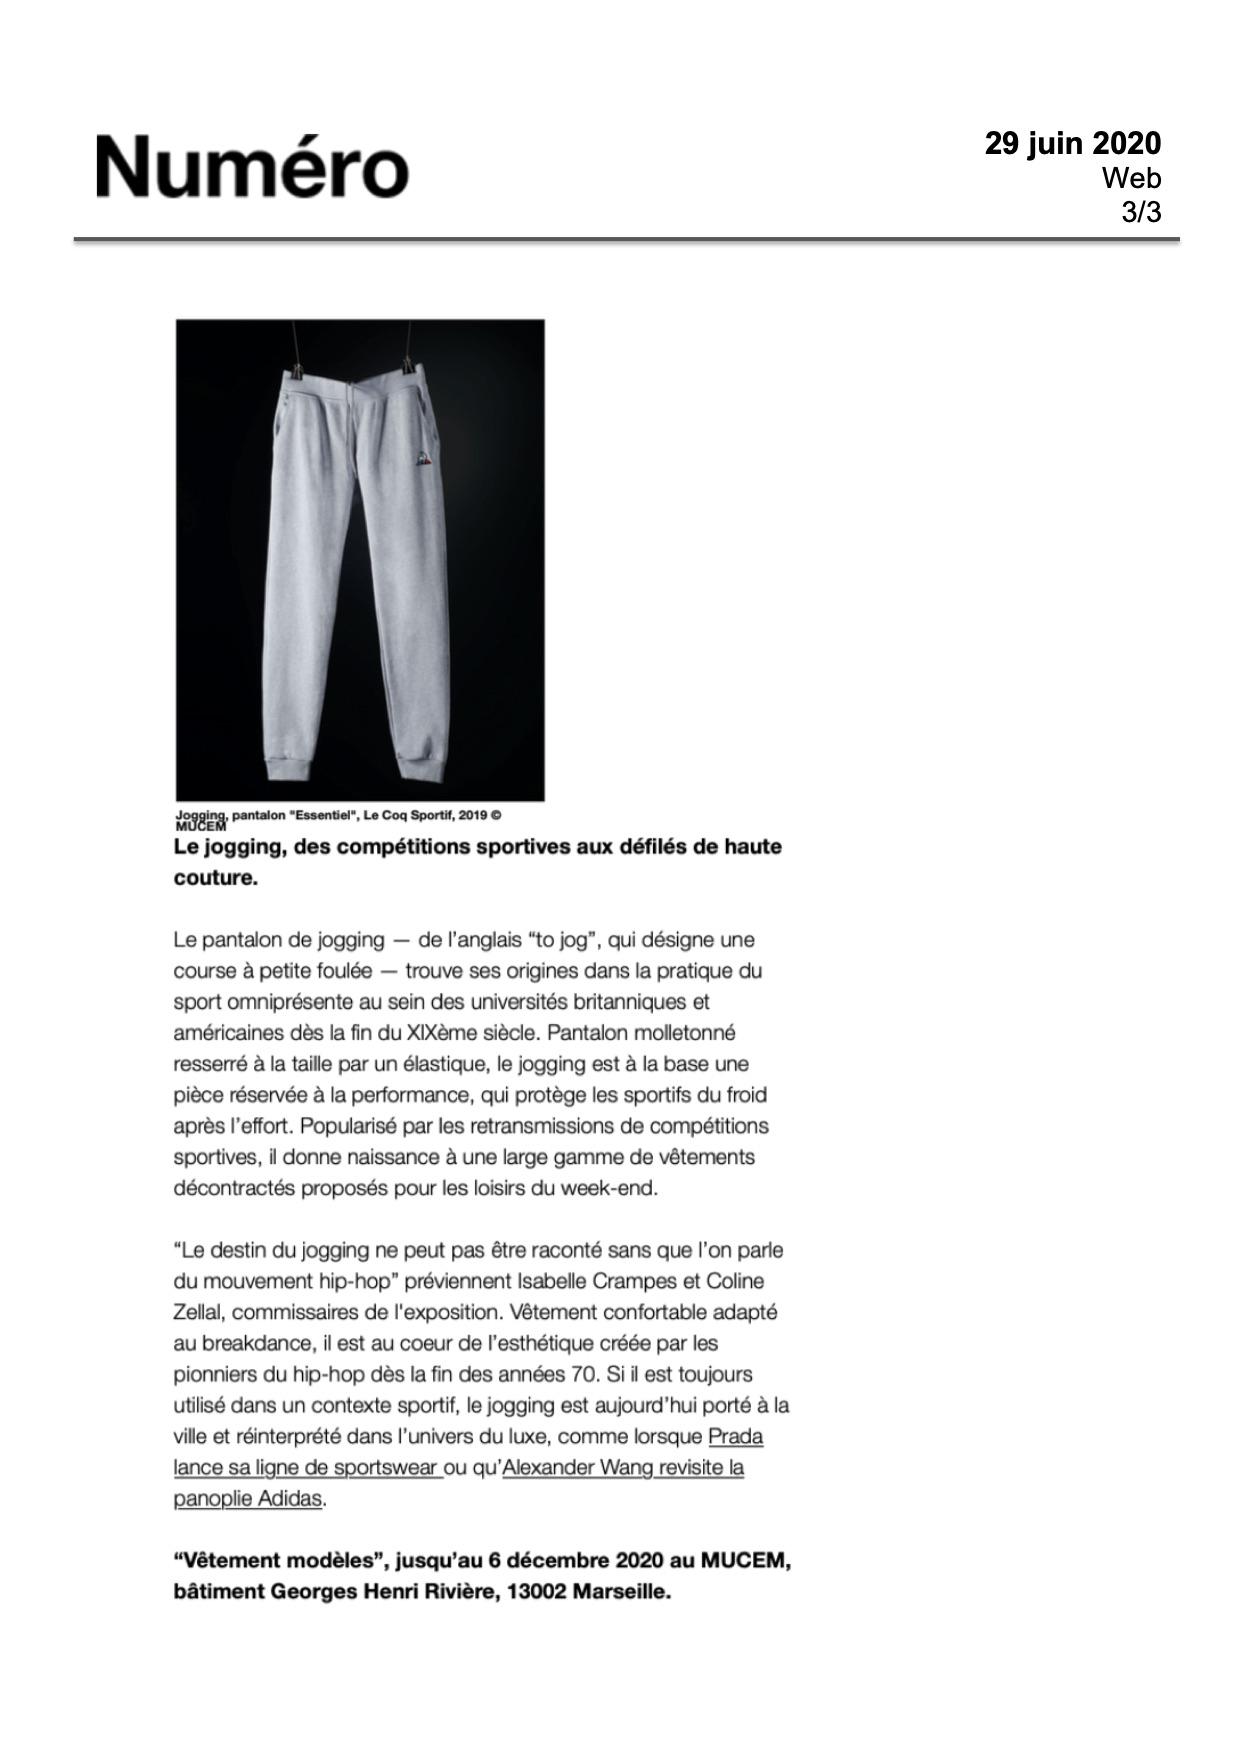 NUMERO -29-06-20 - RP De toujours PAGE 3